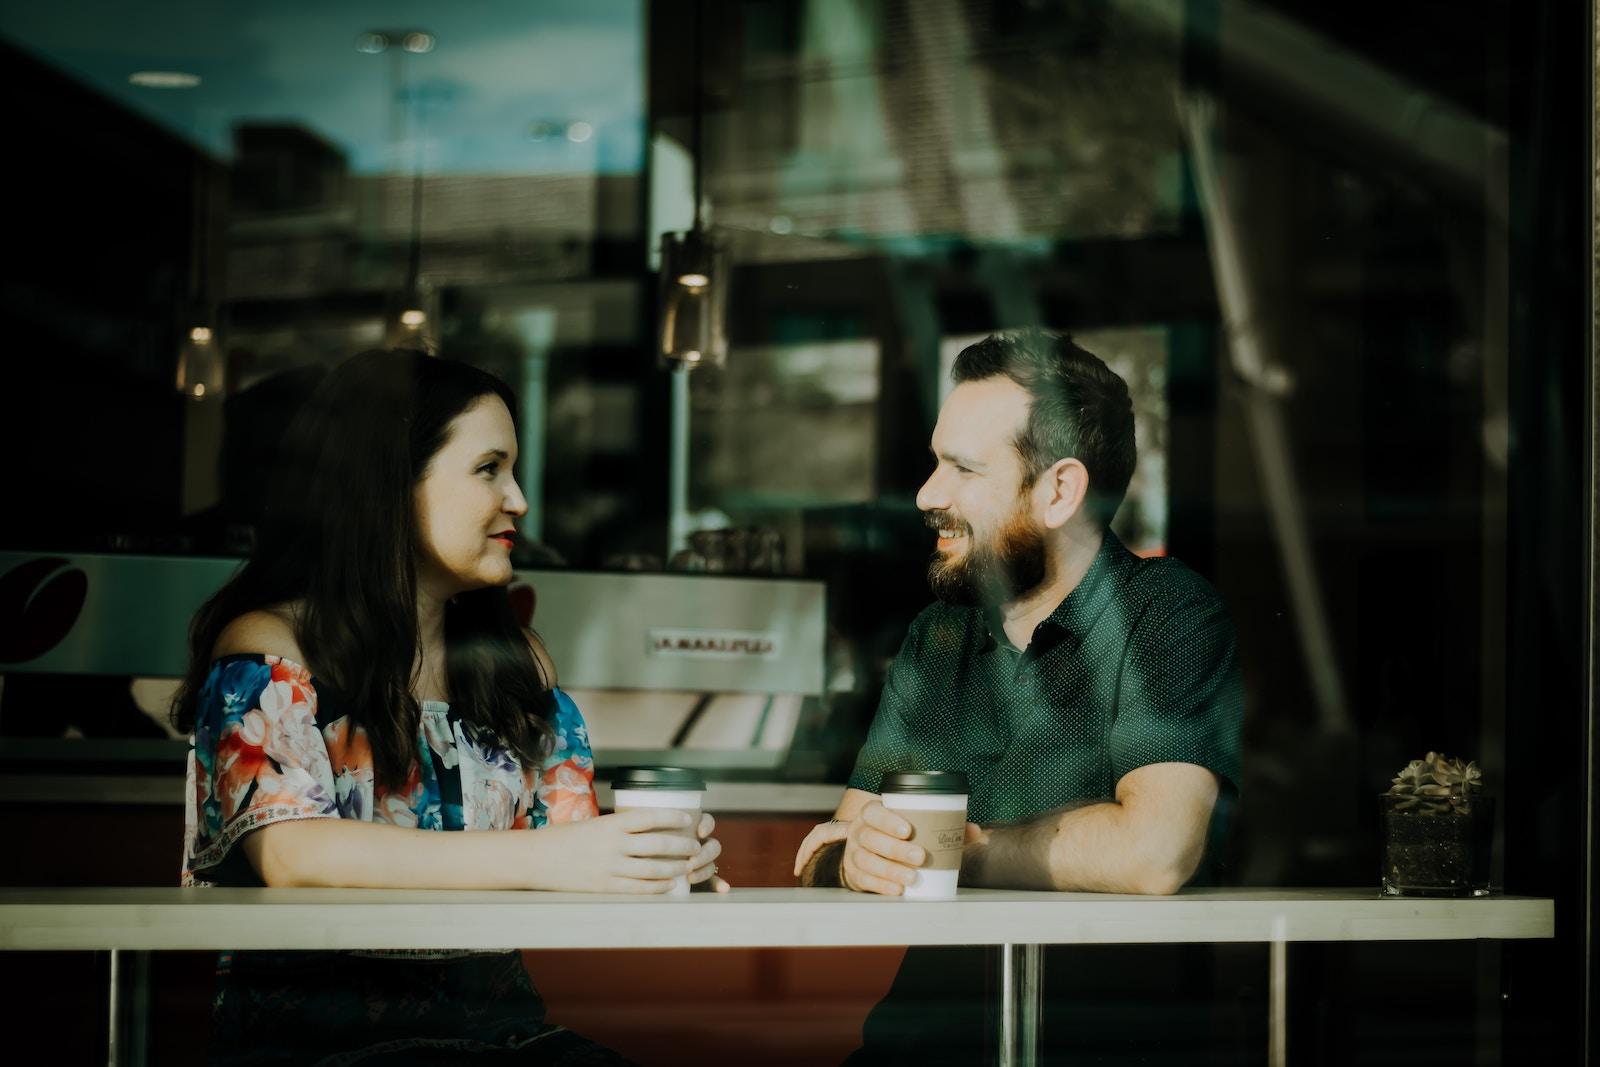 10 висловів, які варто прибрати з ділового спілкування у 2018 році